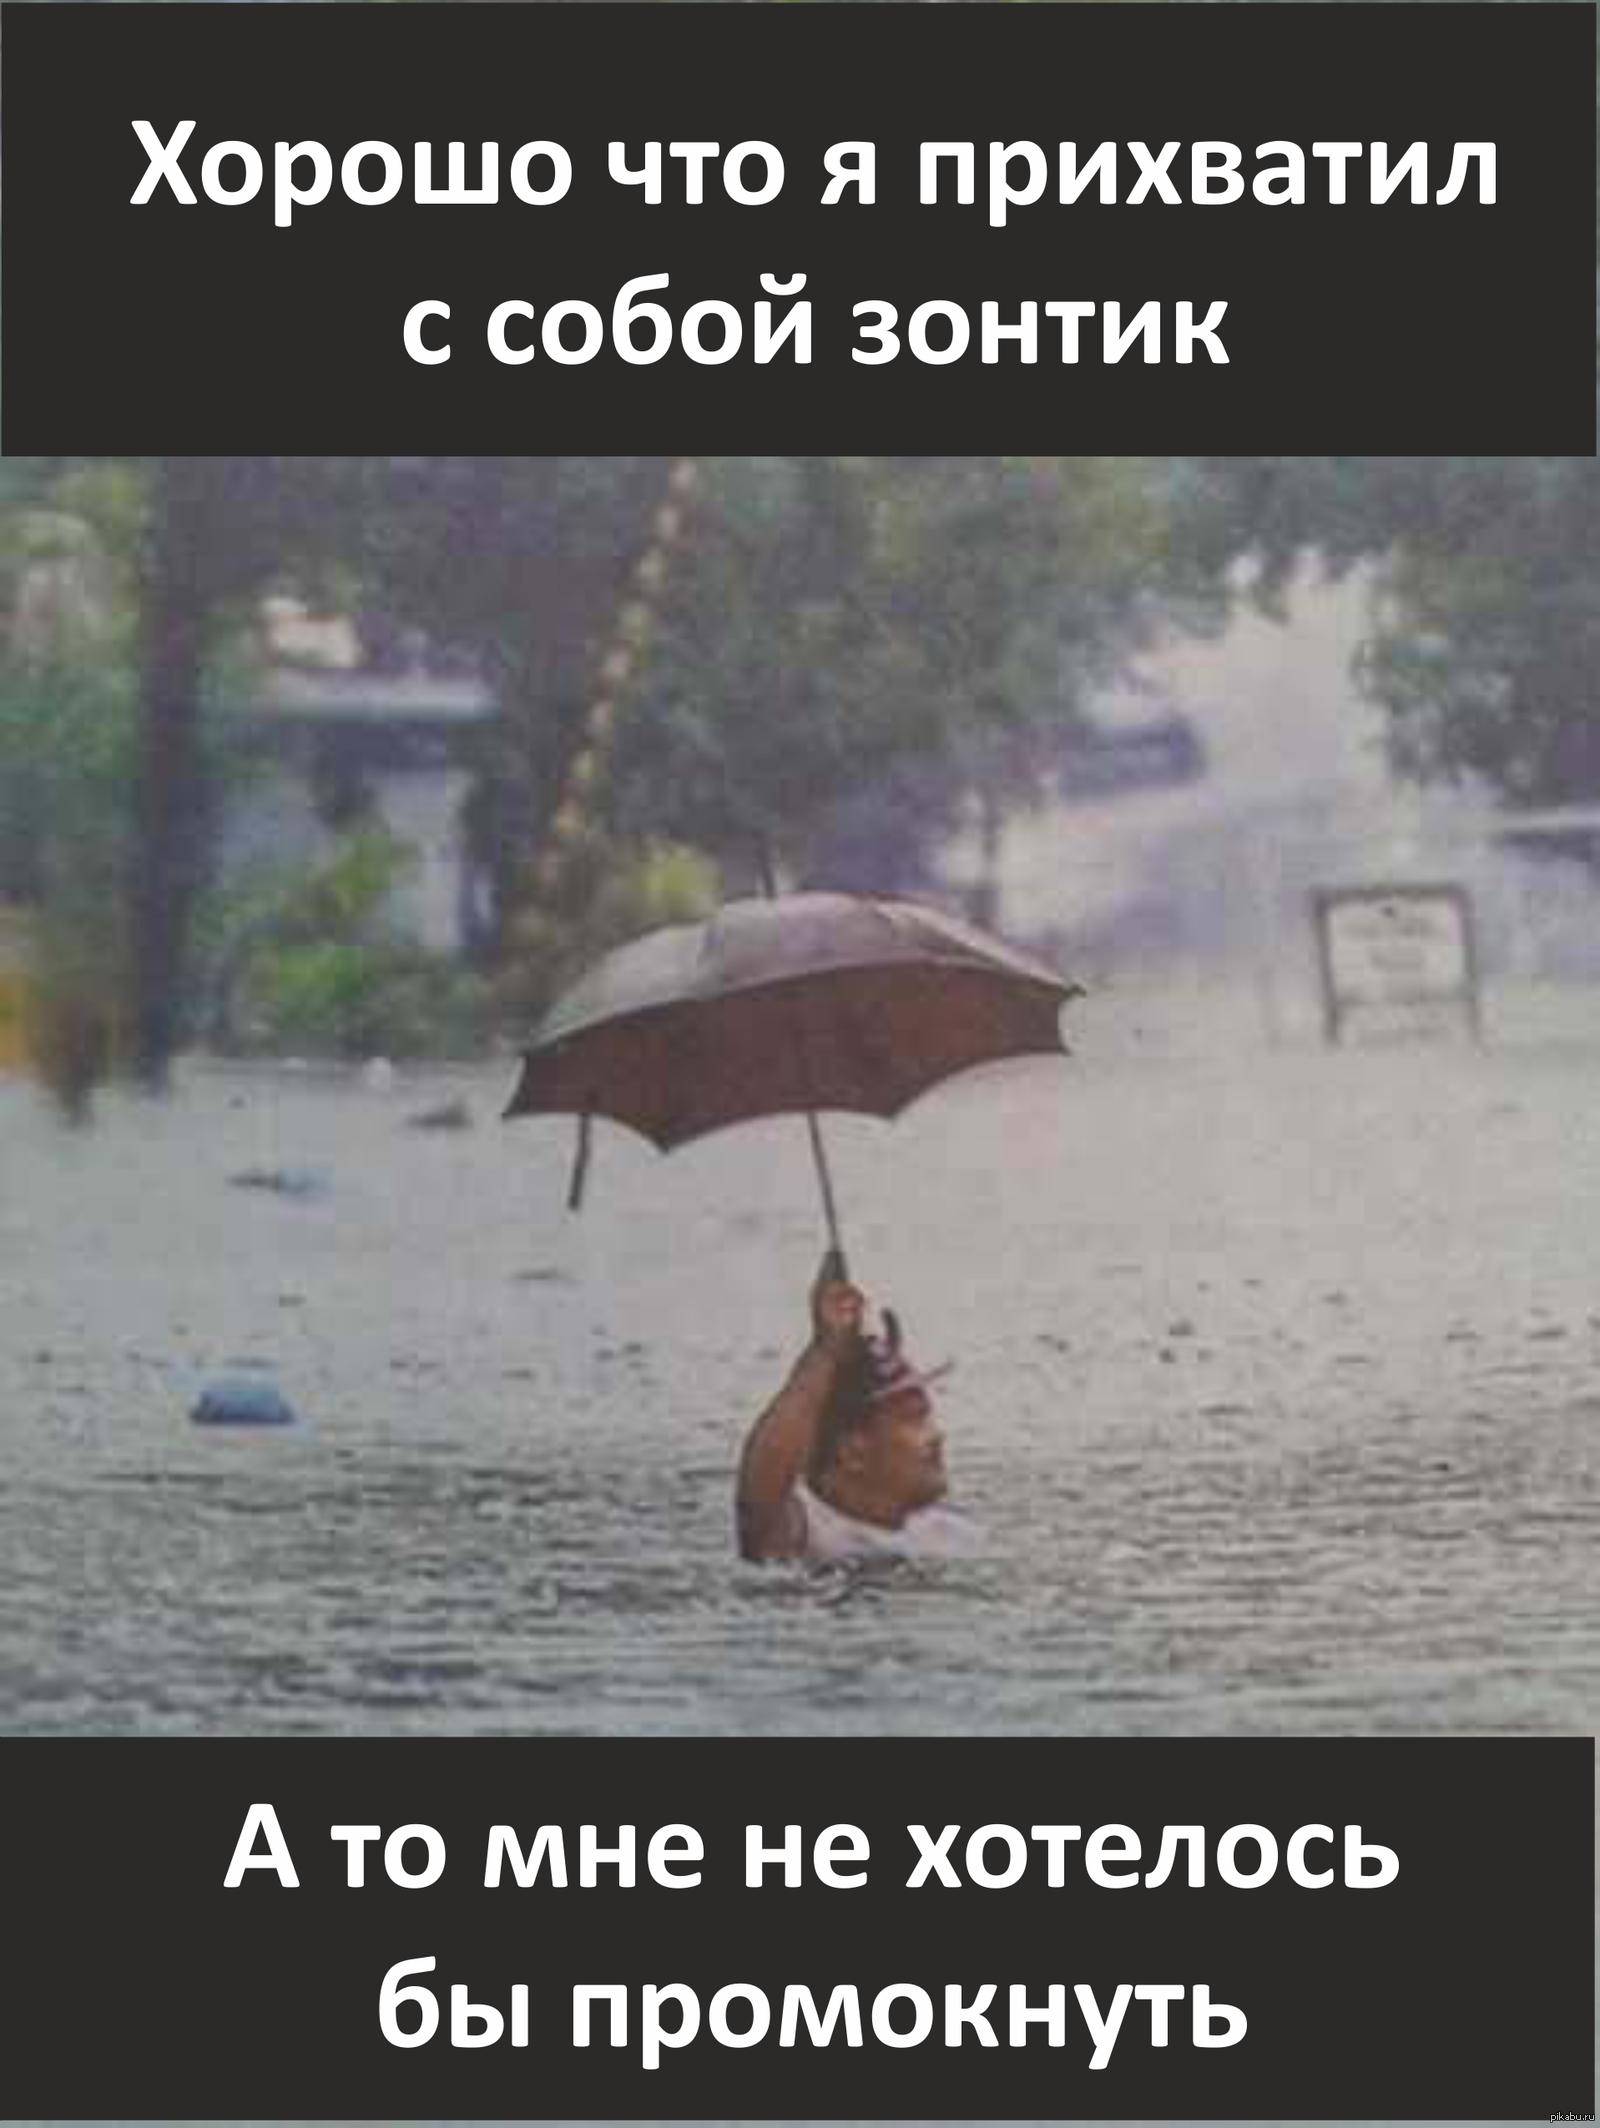 Картинки обои, картинки про дождь прикольные с надписями